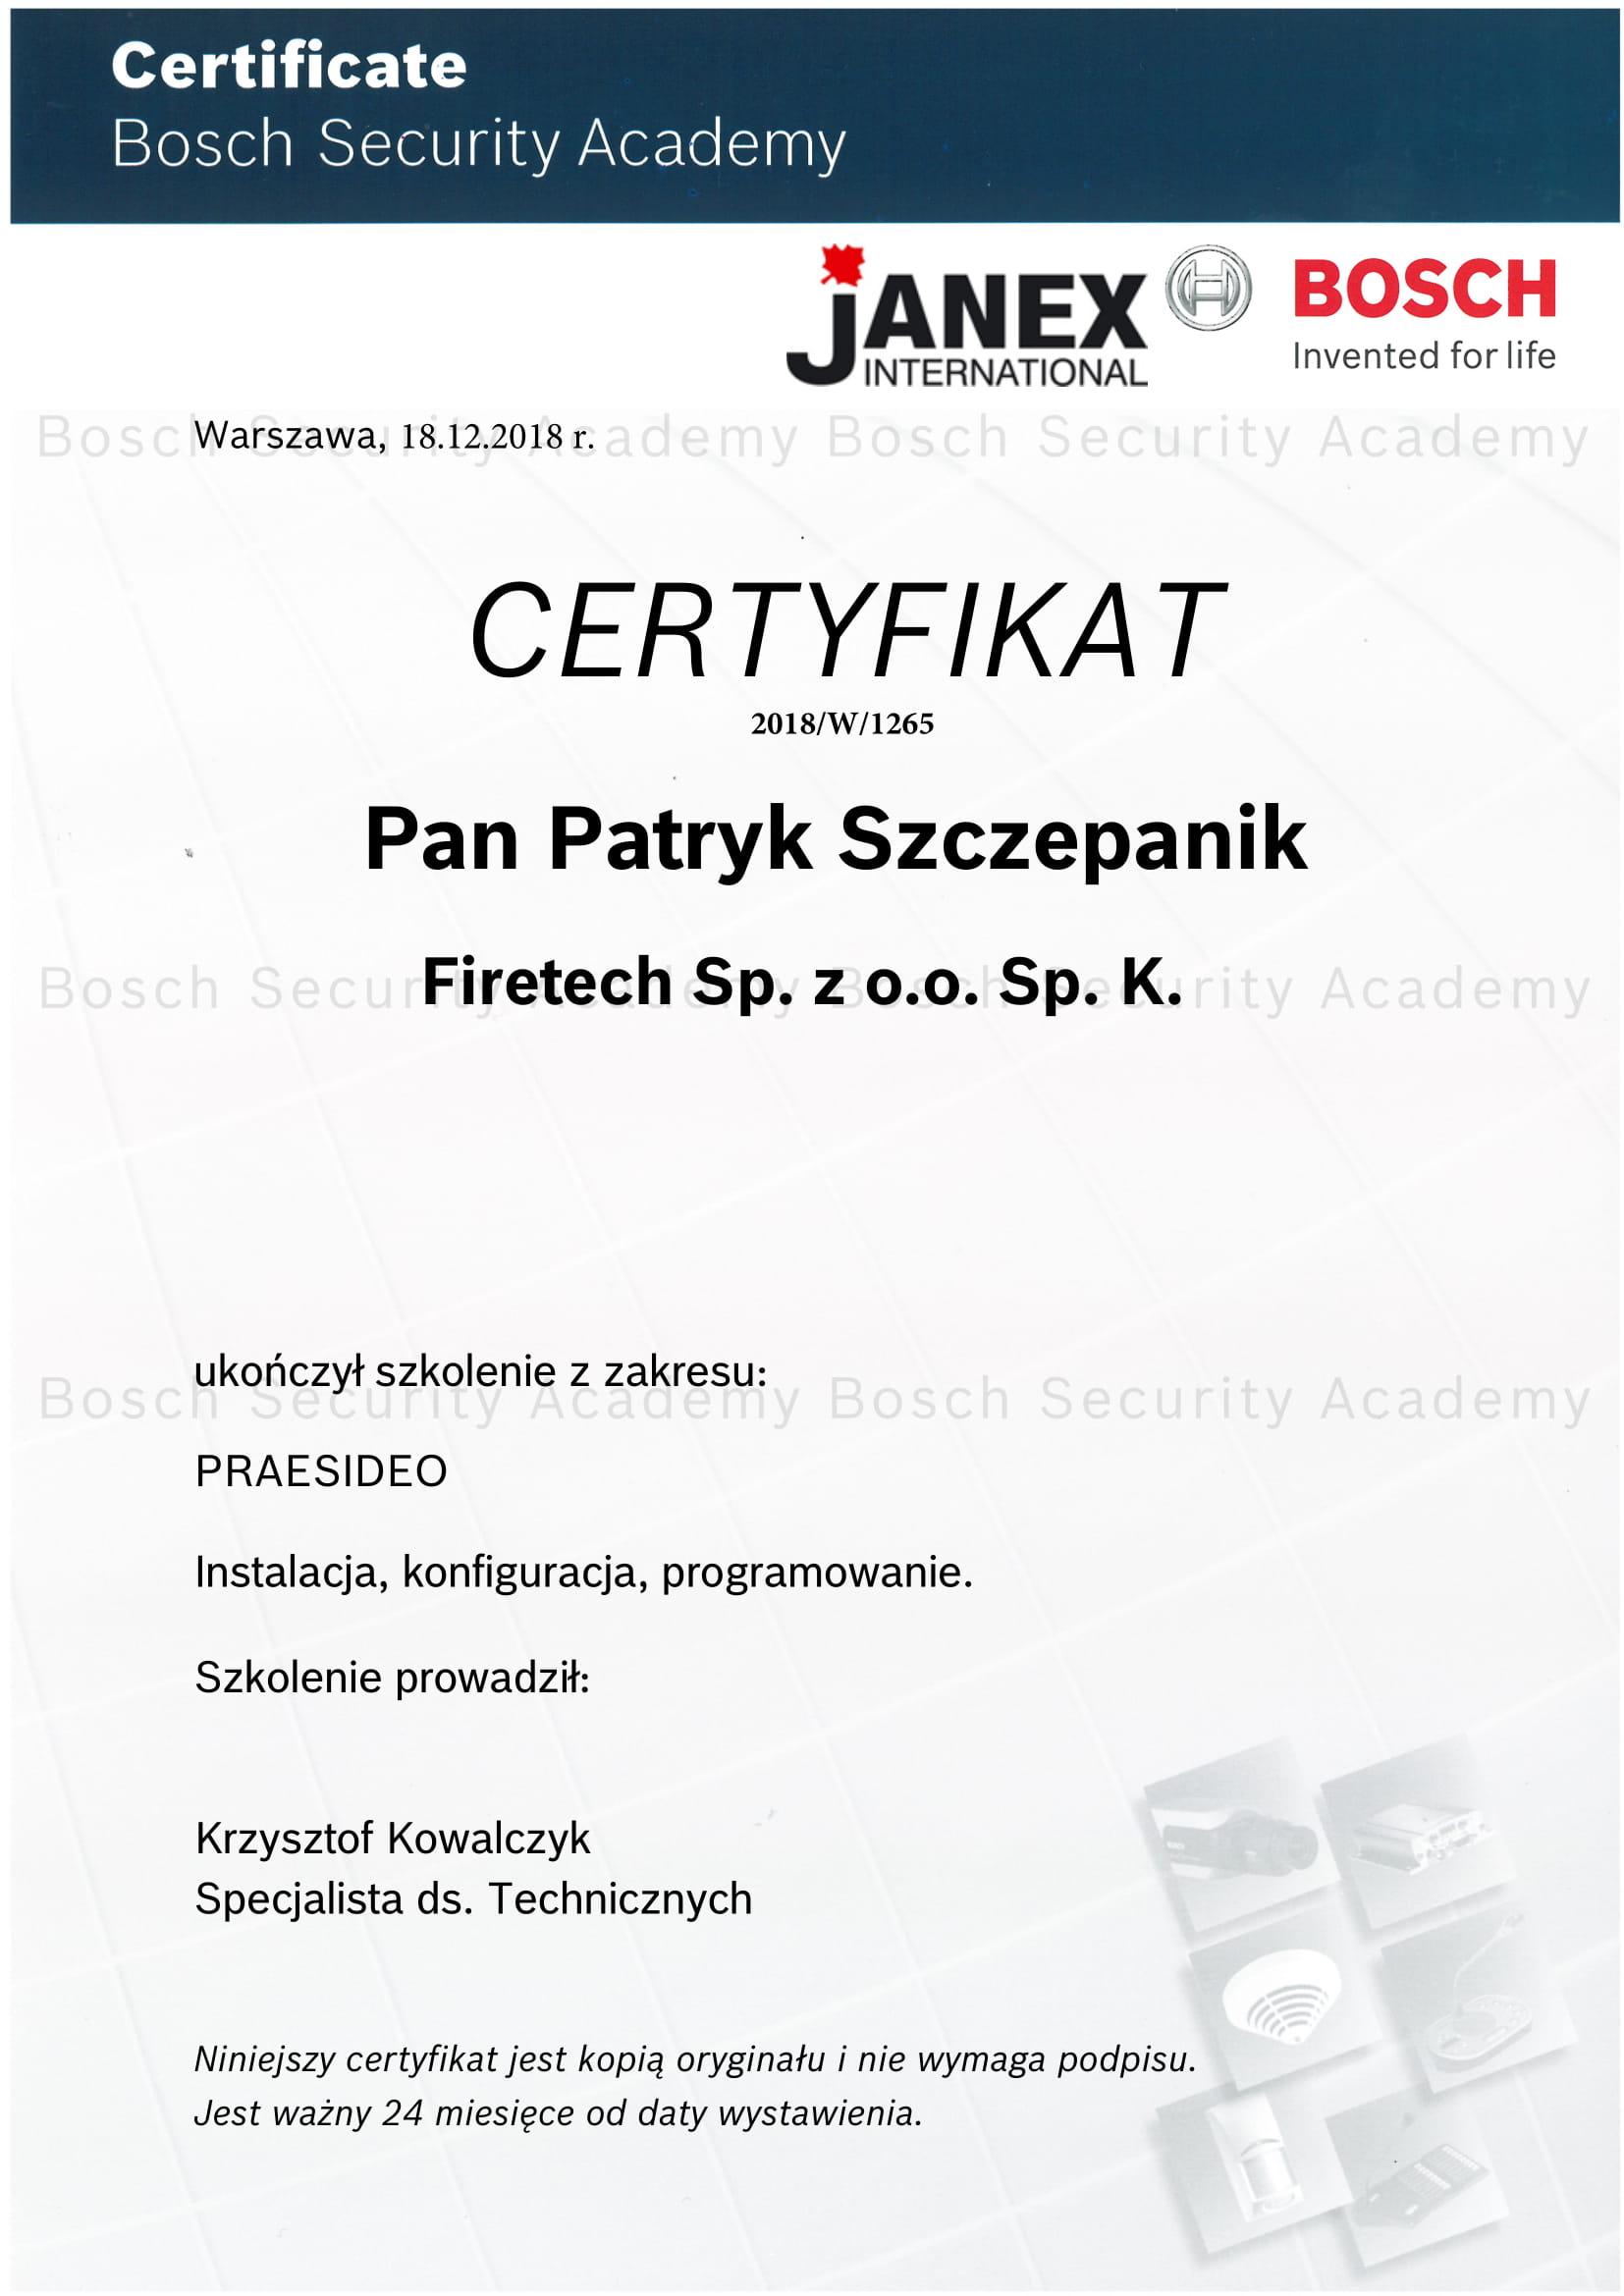 DSO_Bosch_Szczepanik-1